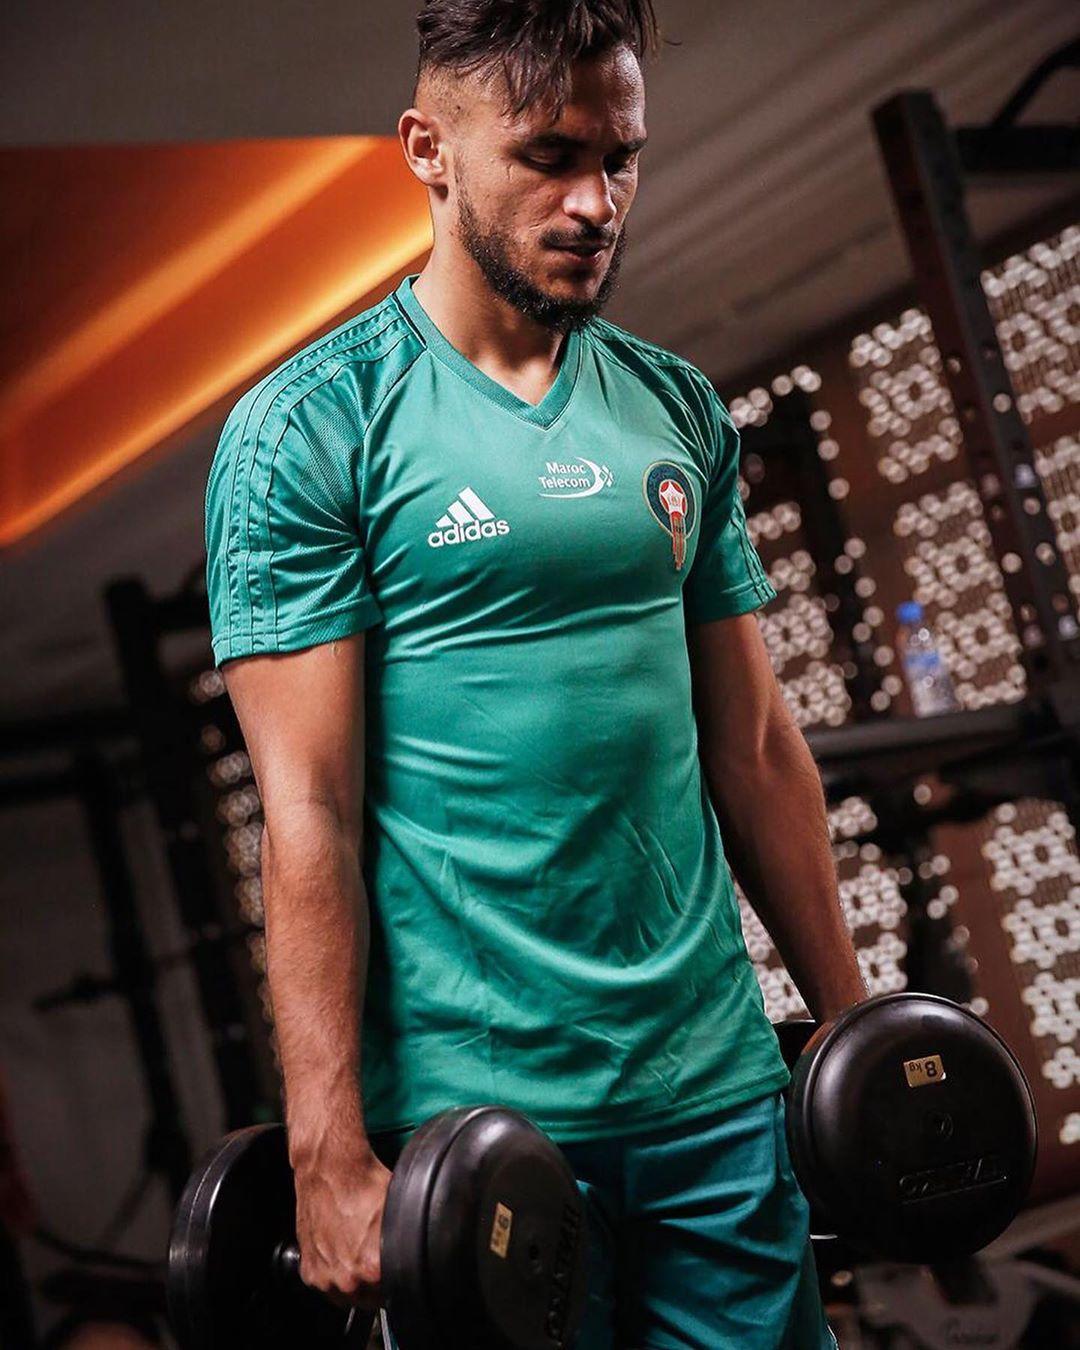 تدريبات للاعبي المنتخب المغربي في صالة بناء الاجسام